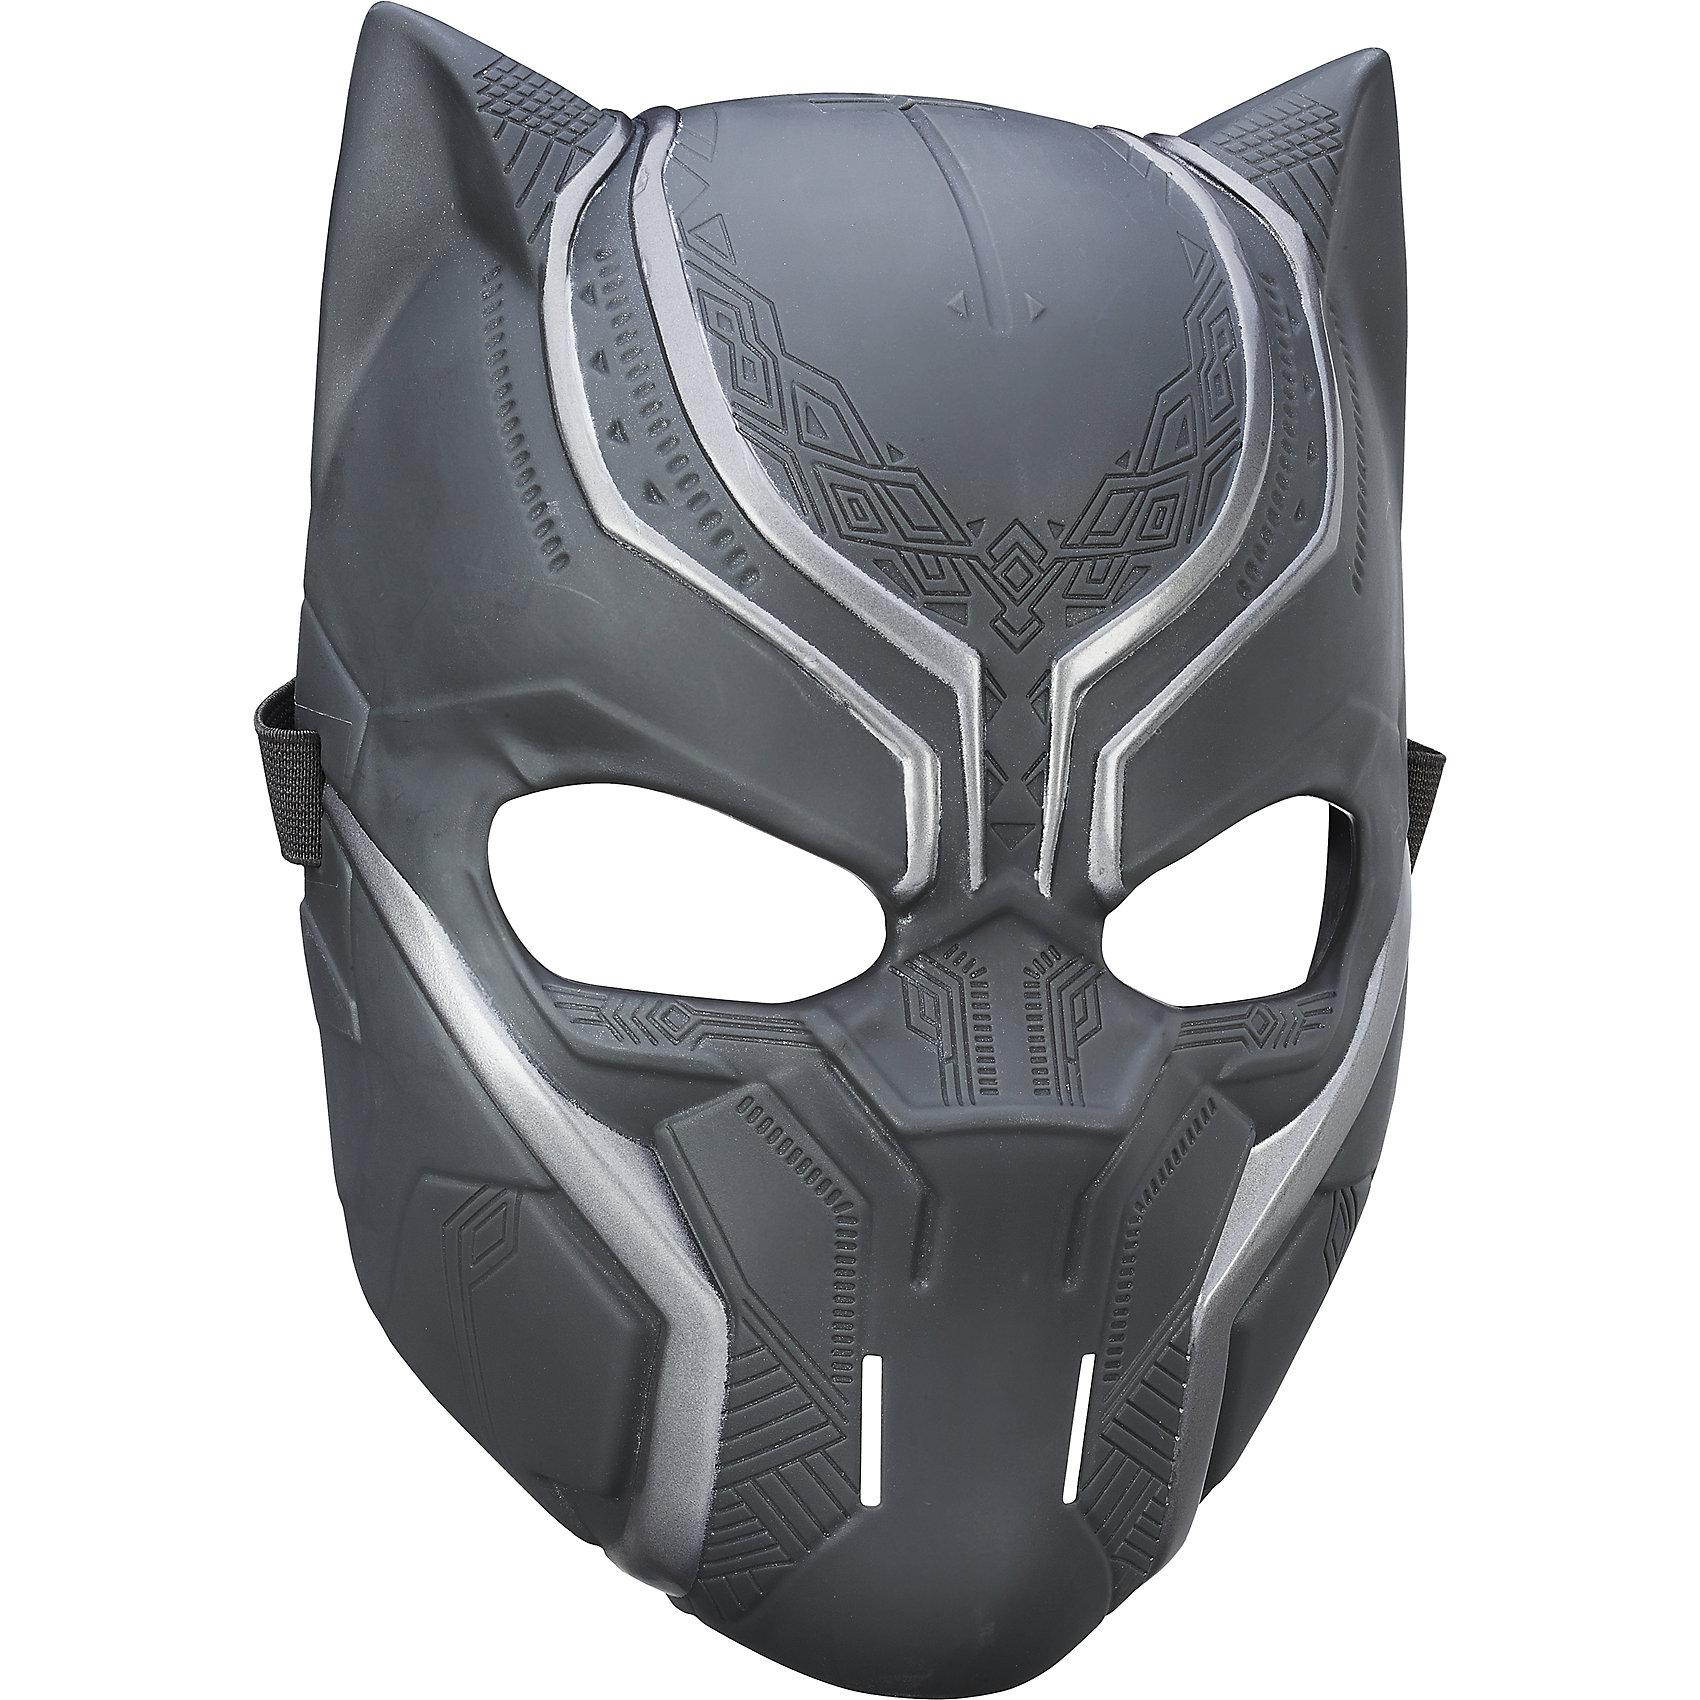 Hasbro Маска Avengers Первый Мститель Черная Пантера (Black Panther) маска черная из никеля с имитацией кристаллов entice mystique mask black